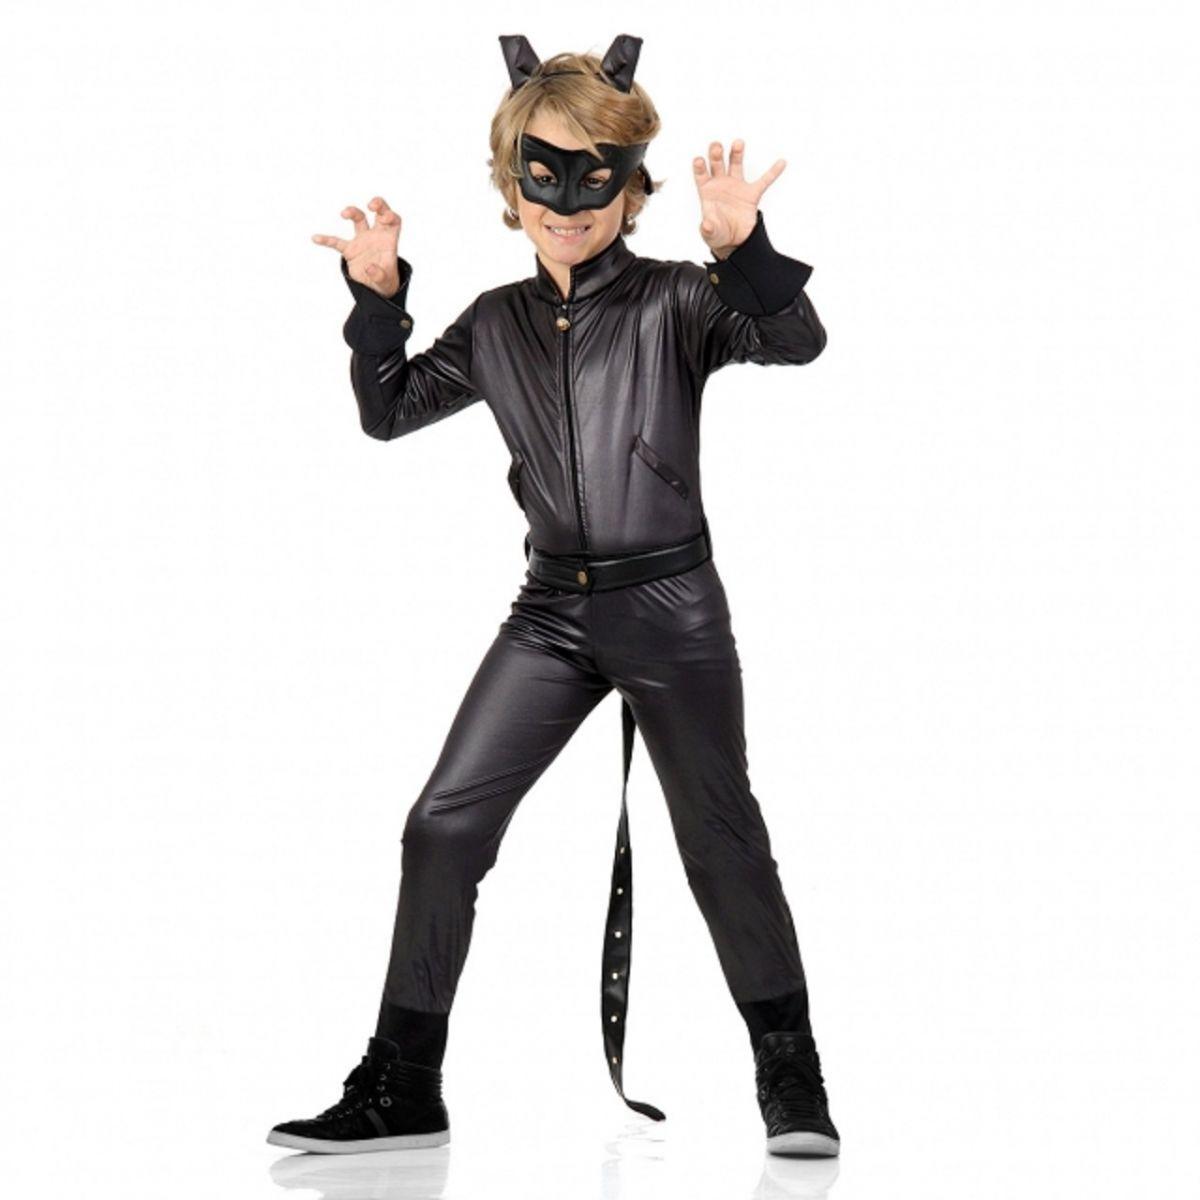 Fantasia Cat Noir Infantil Luxo